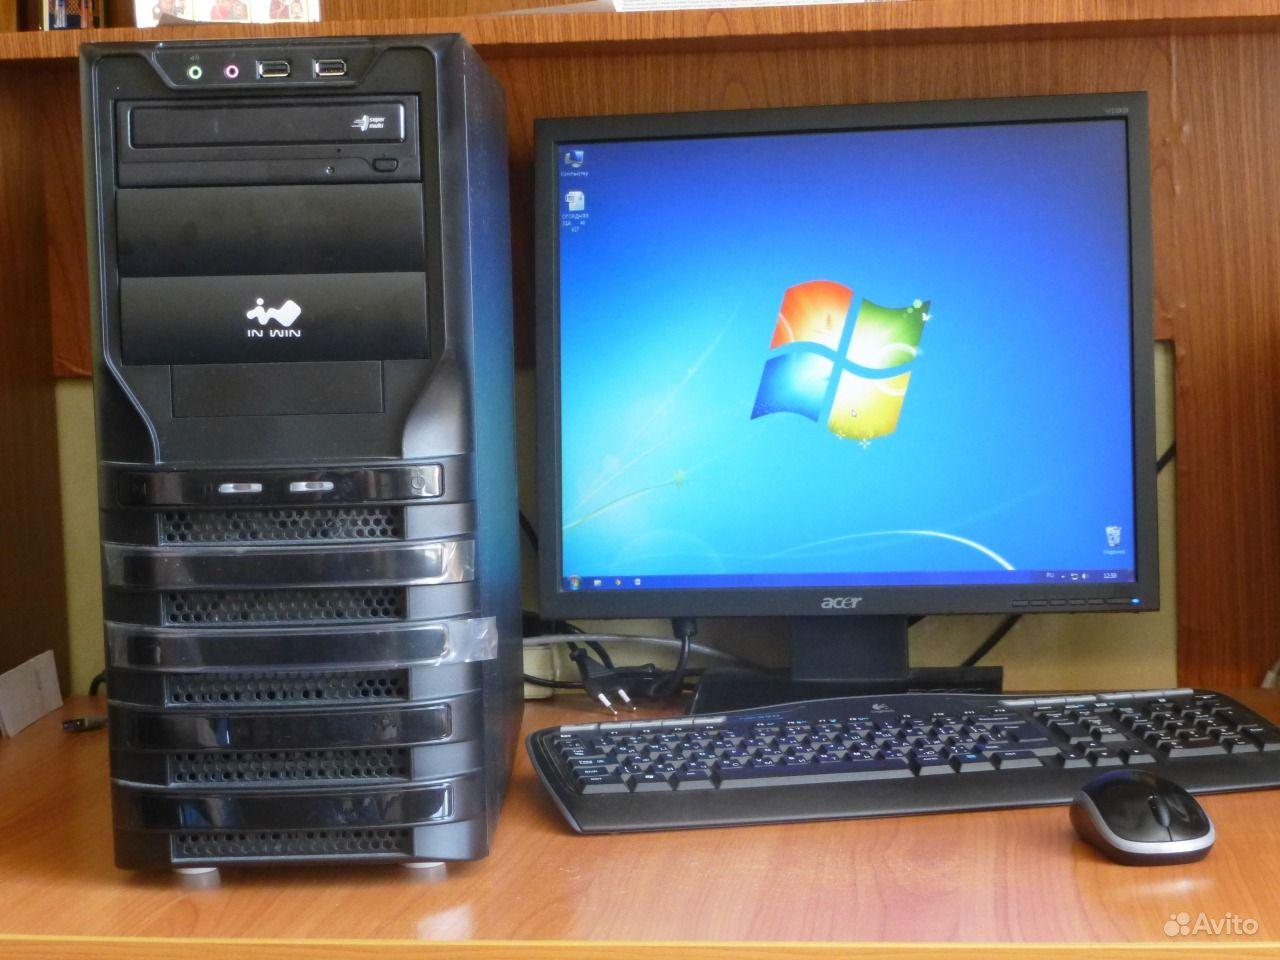 Мощный компьютер, системный блок монитор. Саратовская область,  Саратов